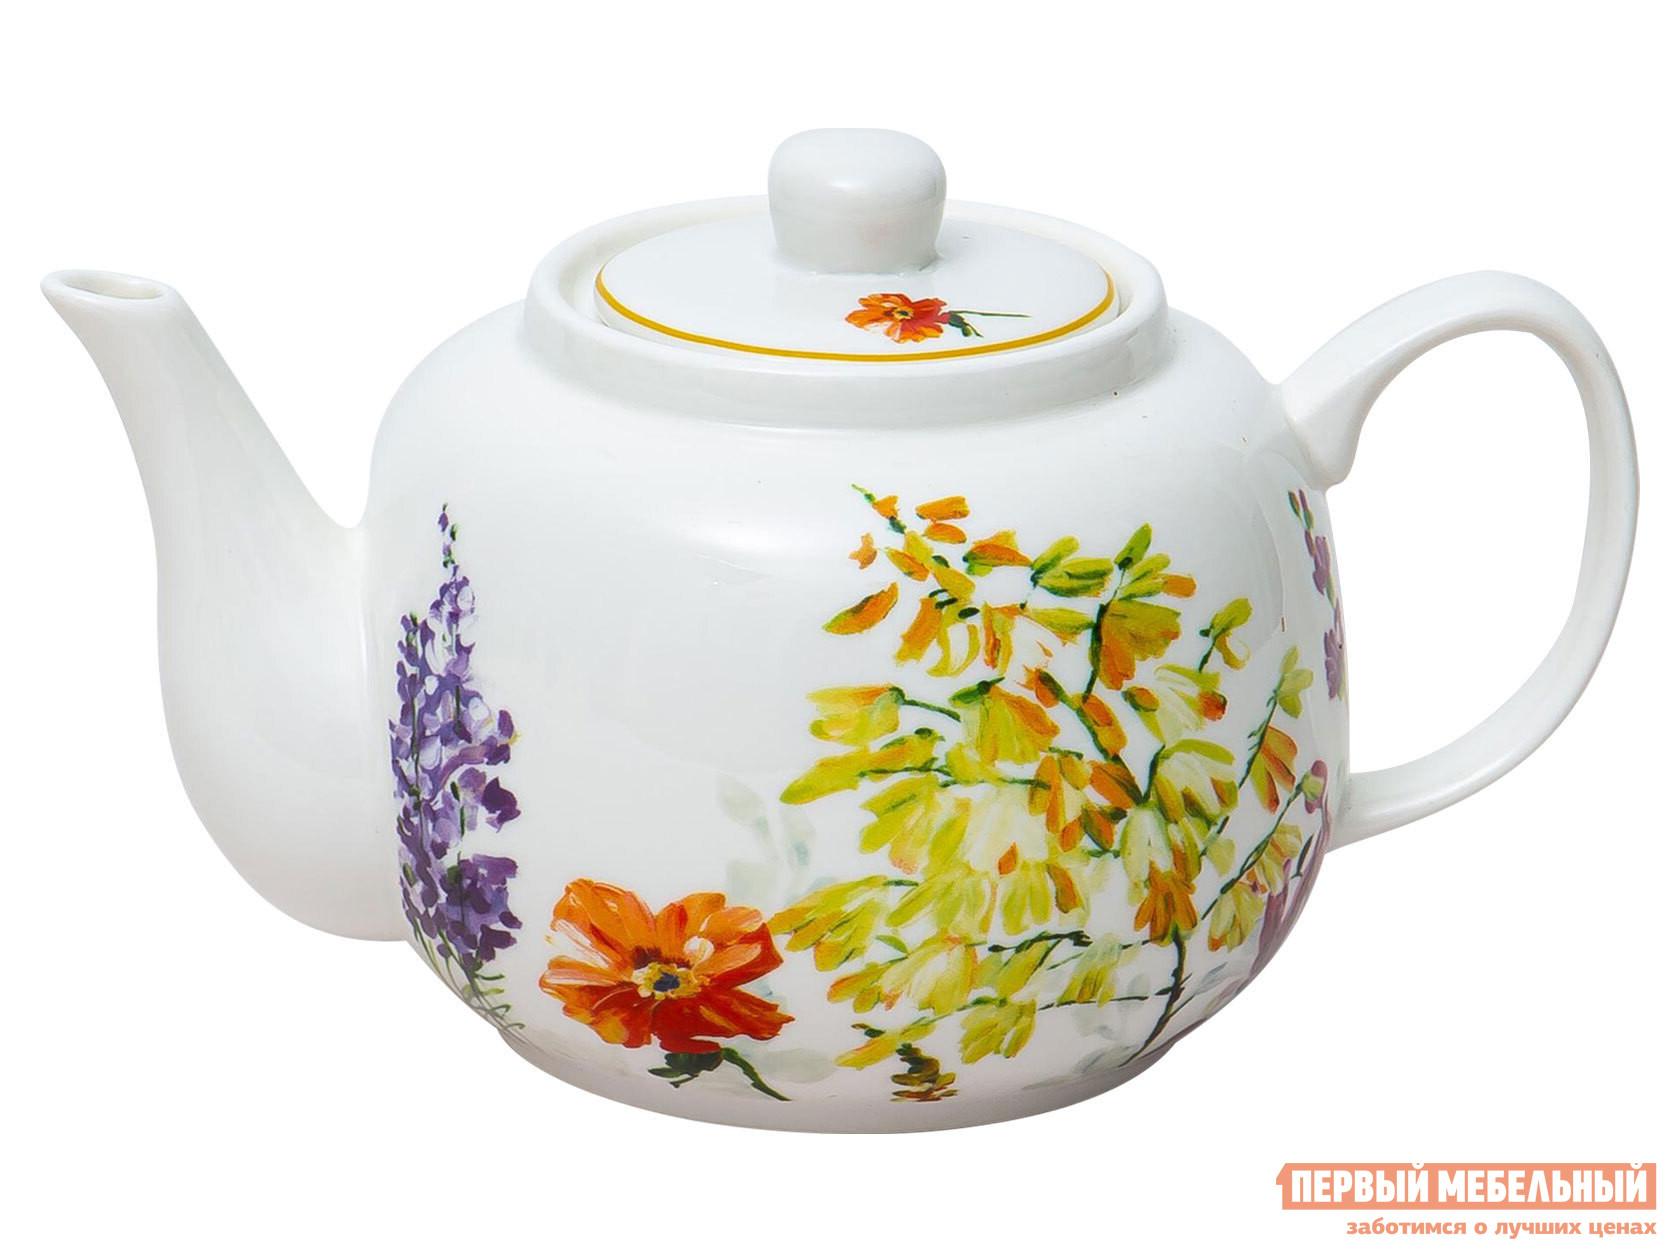 Заварочный чайник  Акварельный букет Белый, фарфор